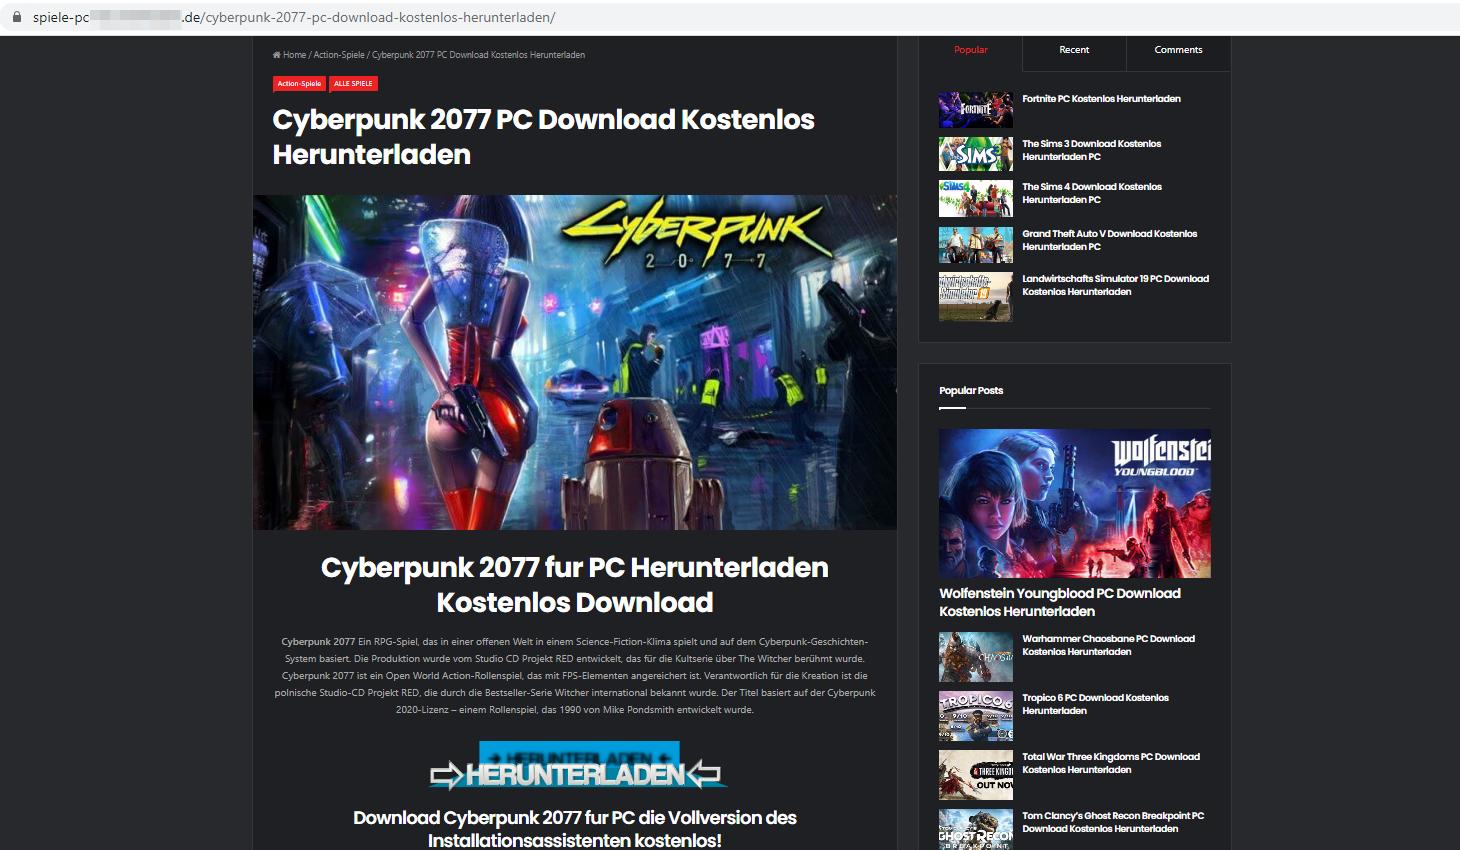 site em alemão, com um botão gigante para download (Herunterladen)